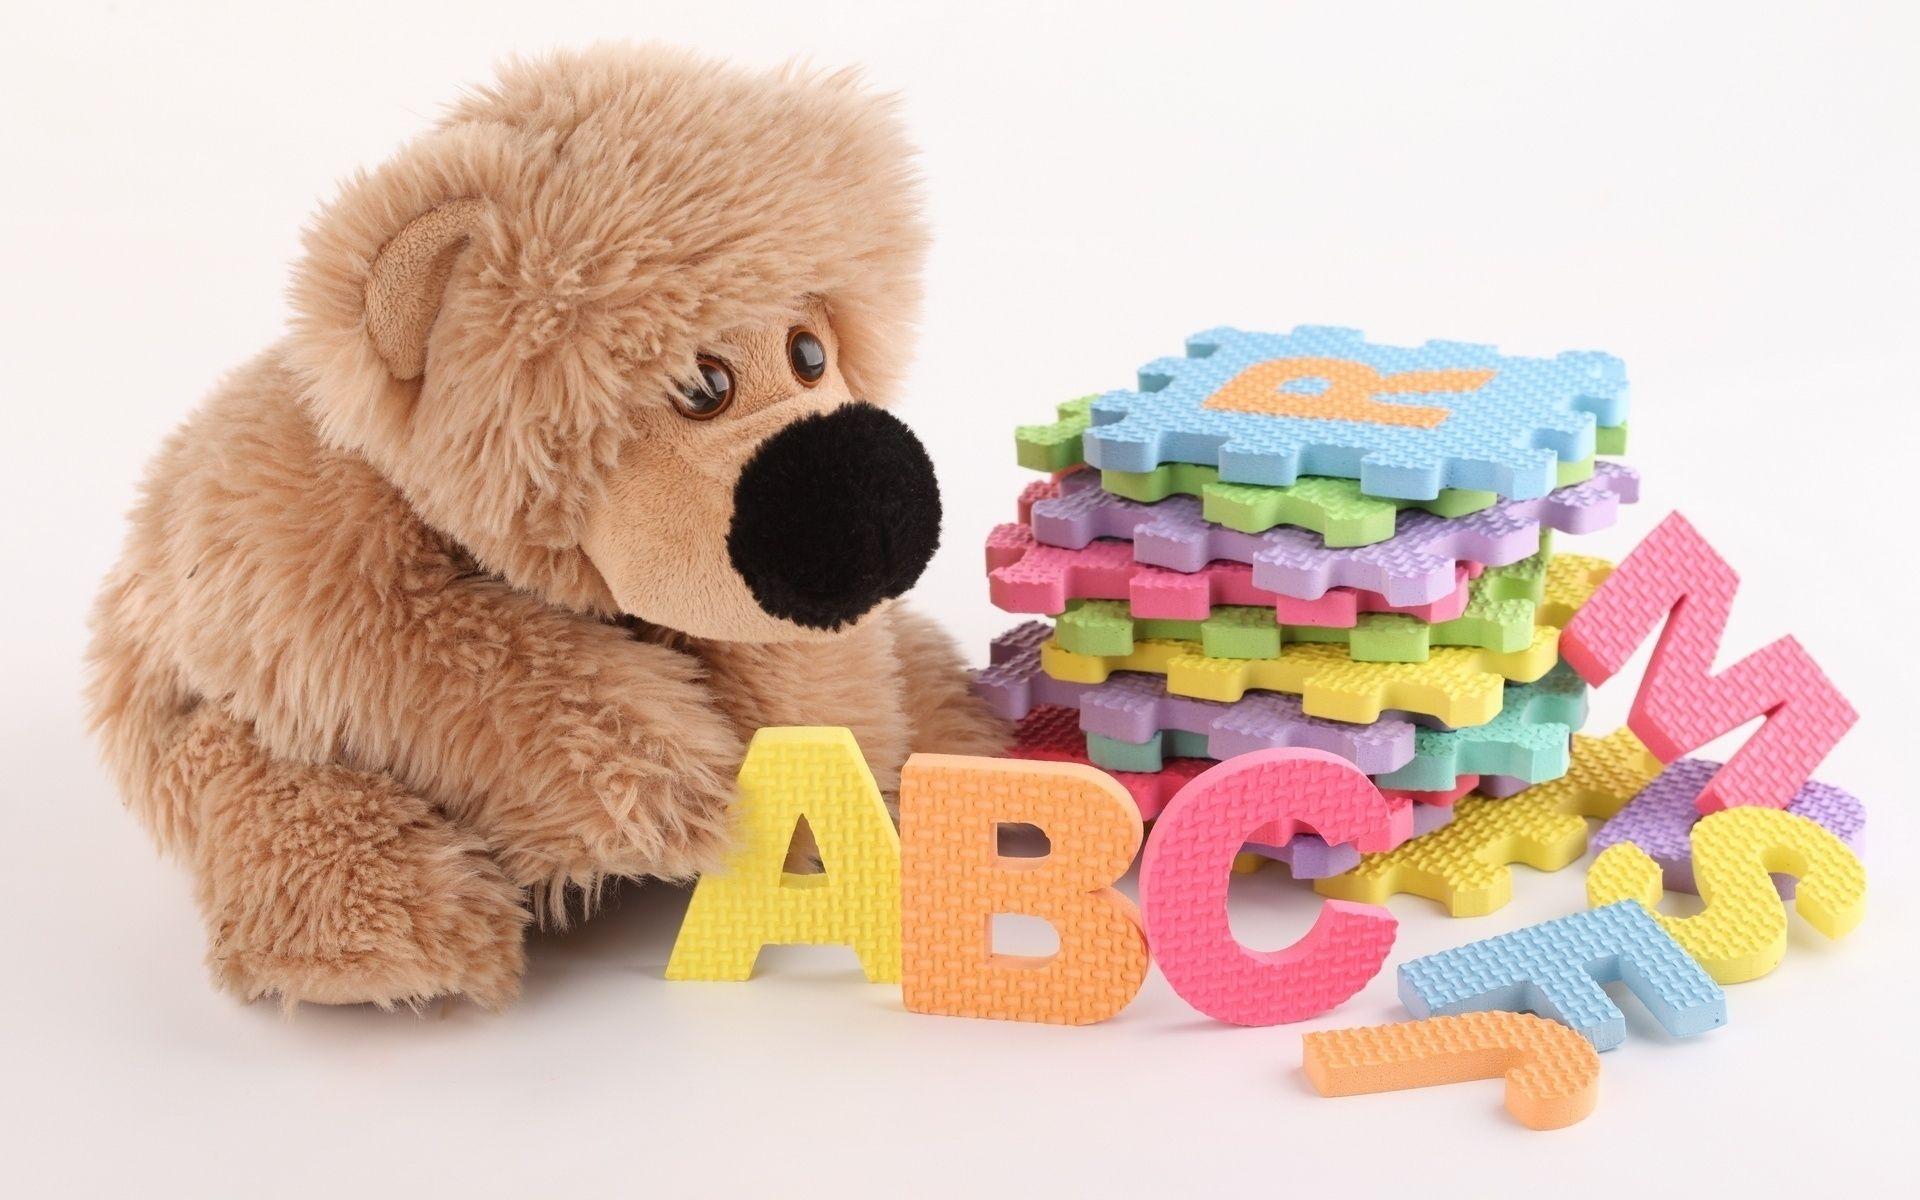 Сбор заказов. Игрушки на любой вкус и кошелек-3. Игровые наборы, конструкторы, пазлы, развивающие игрушки для малышей, все для творчества. Много новинок. Ватрушки, ледянки. Быстрые раздачи.